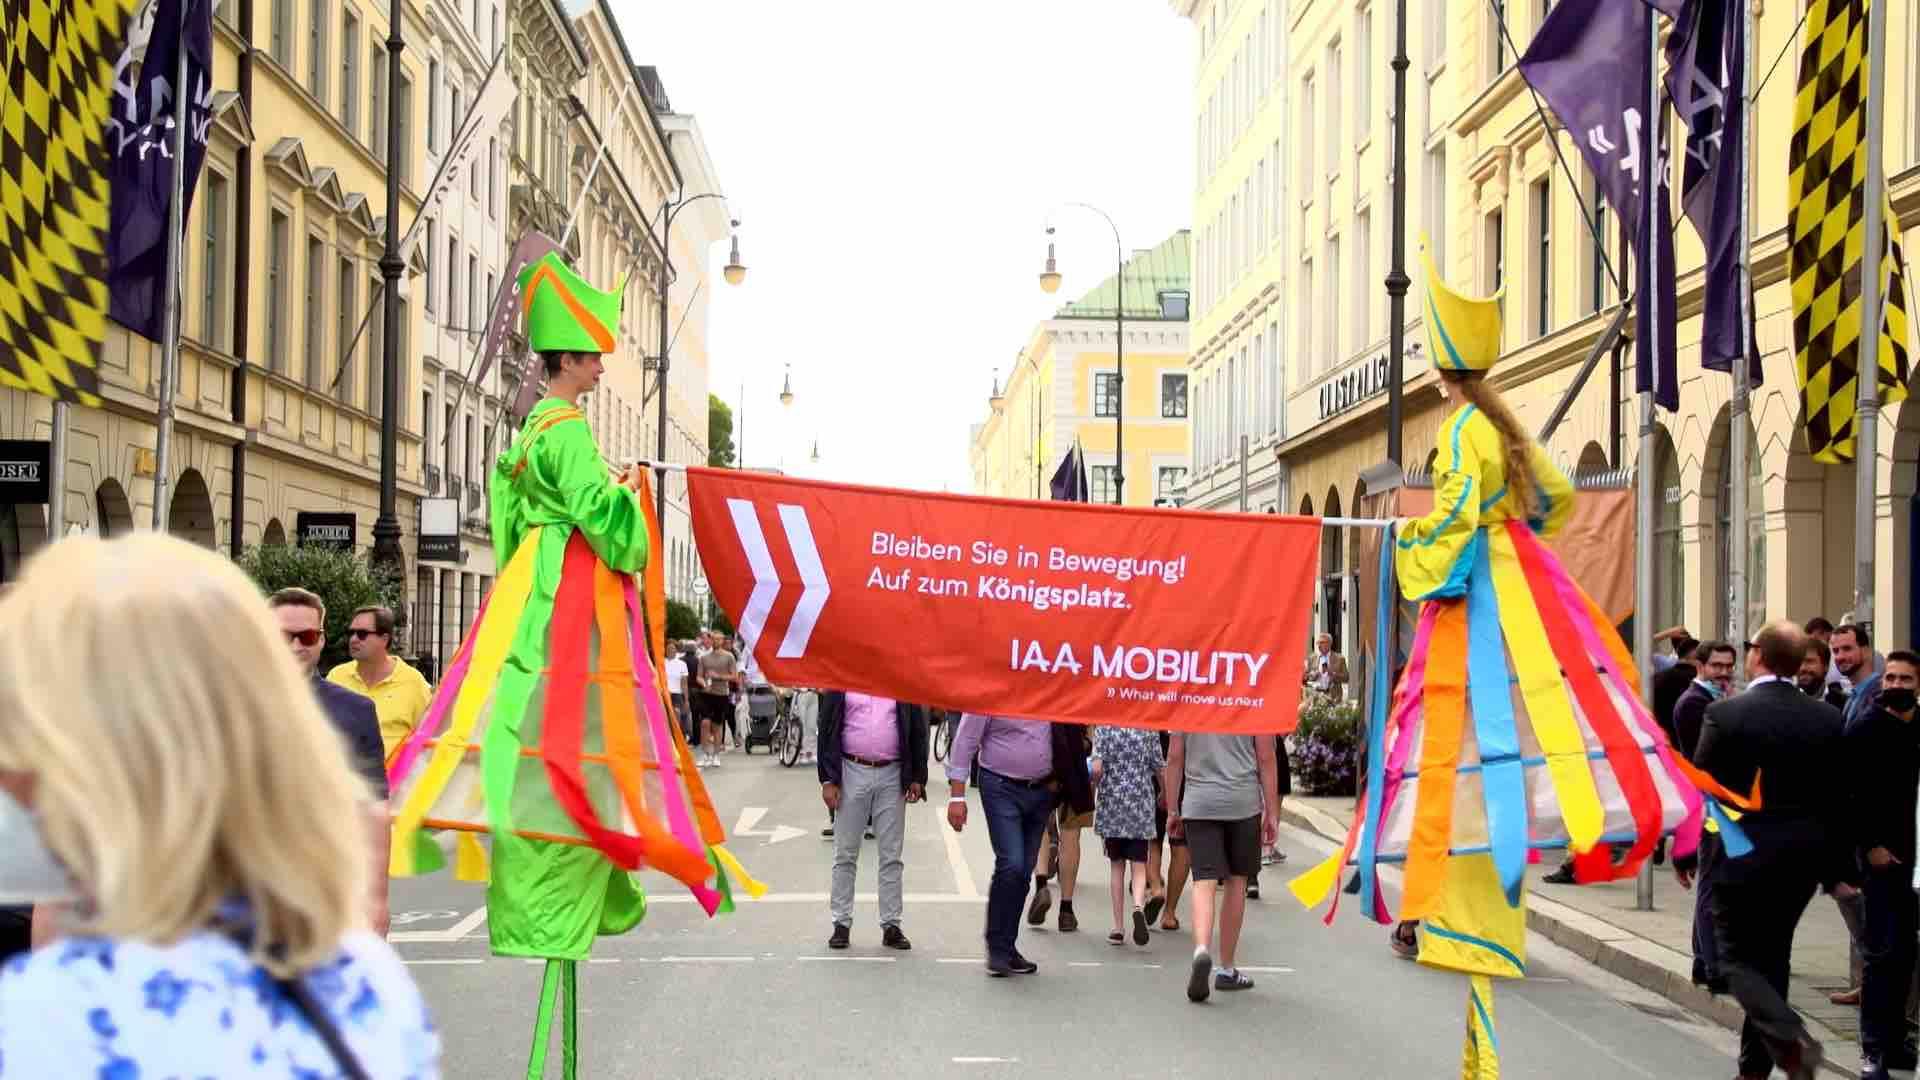 IAA Mobility: Ein Stückchen Zukunft? Die erste IAA Mobility zieht Bilanz